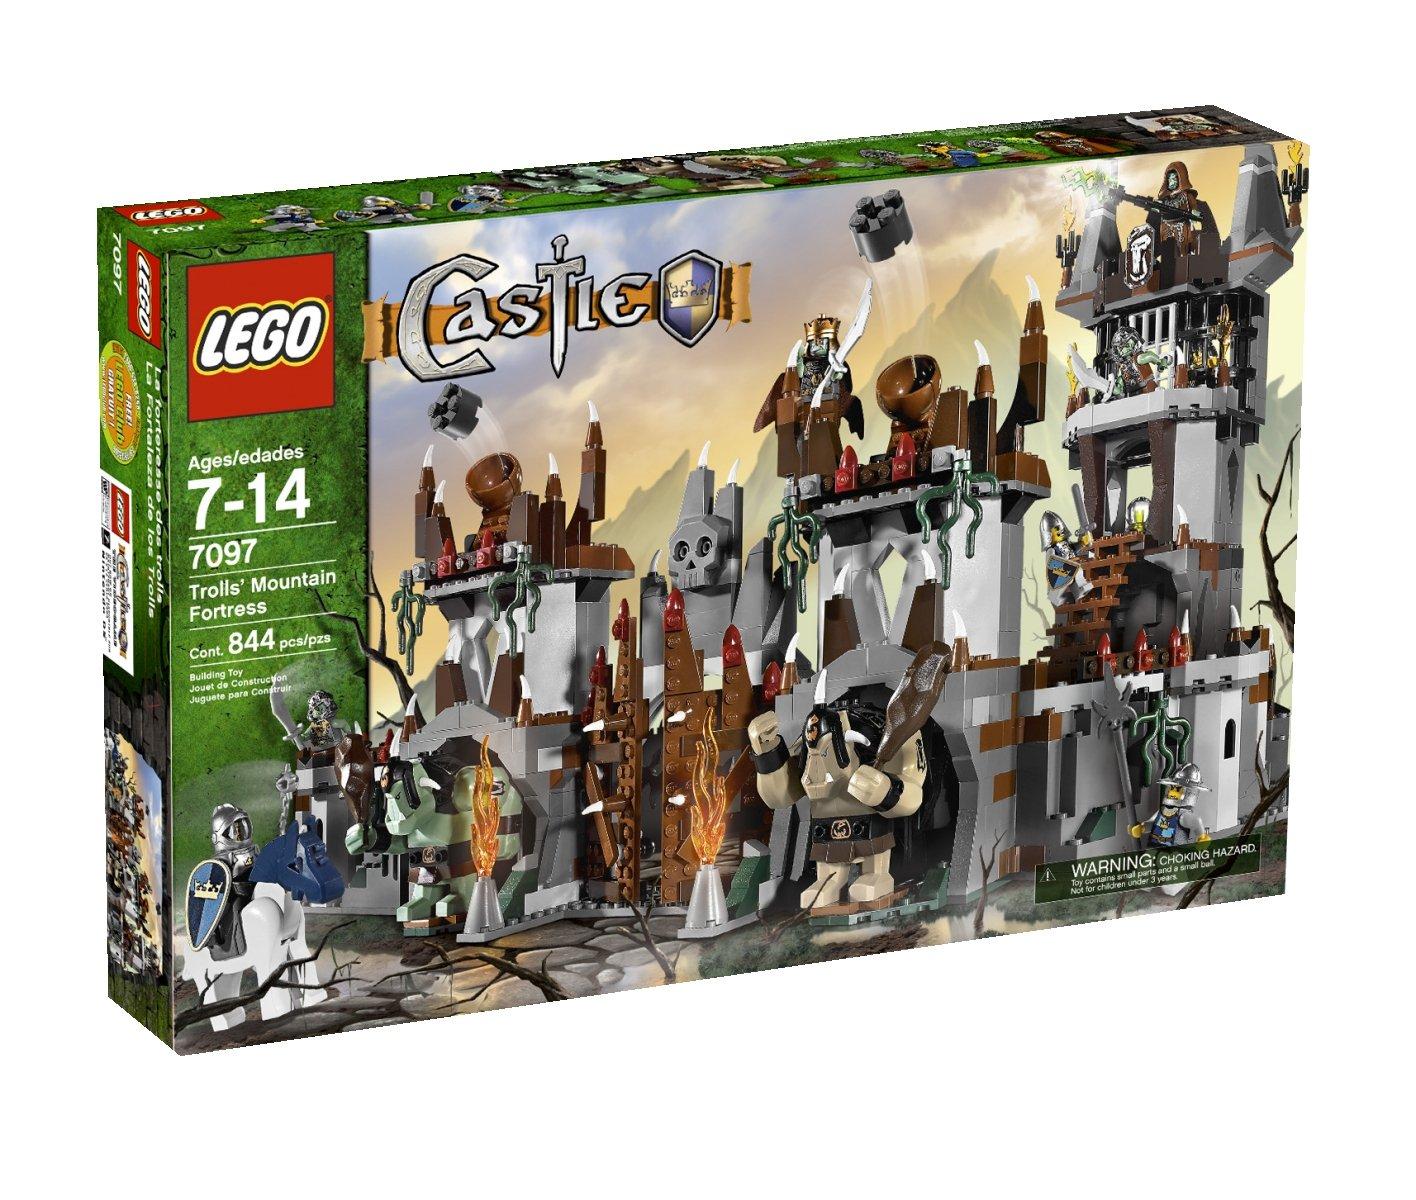 Amazon Lego Castle Trolls Mountain Fortress 7097 Toys Games